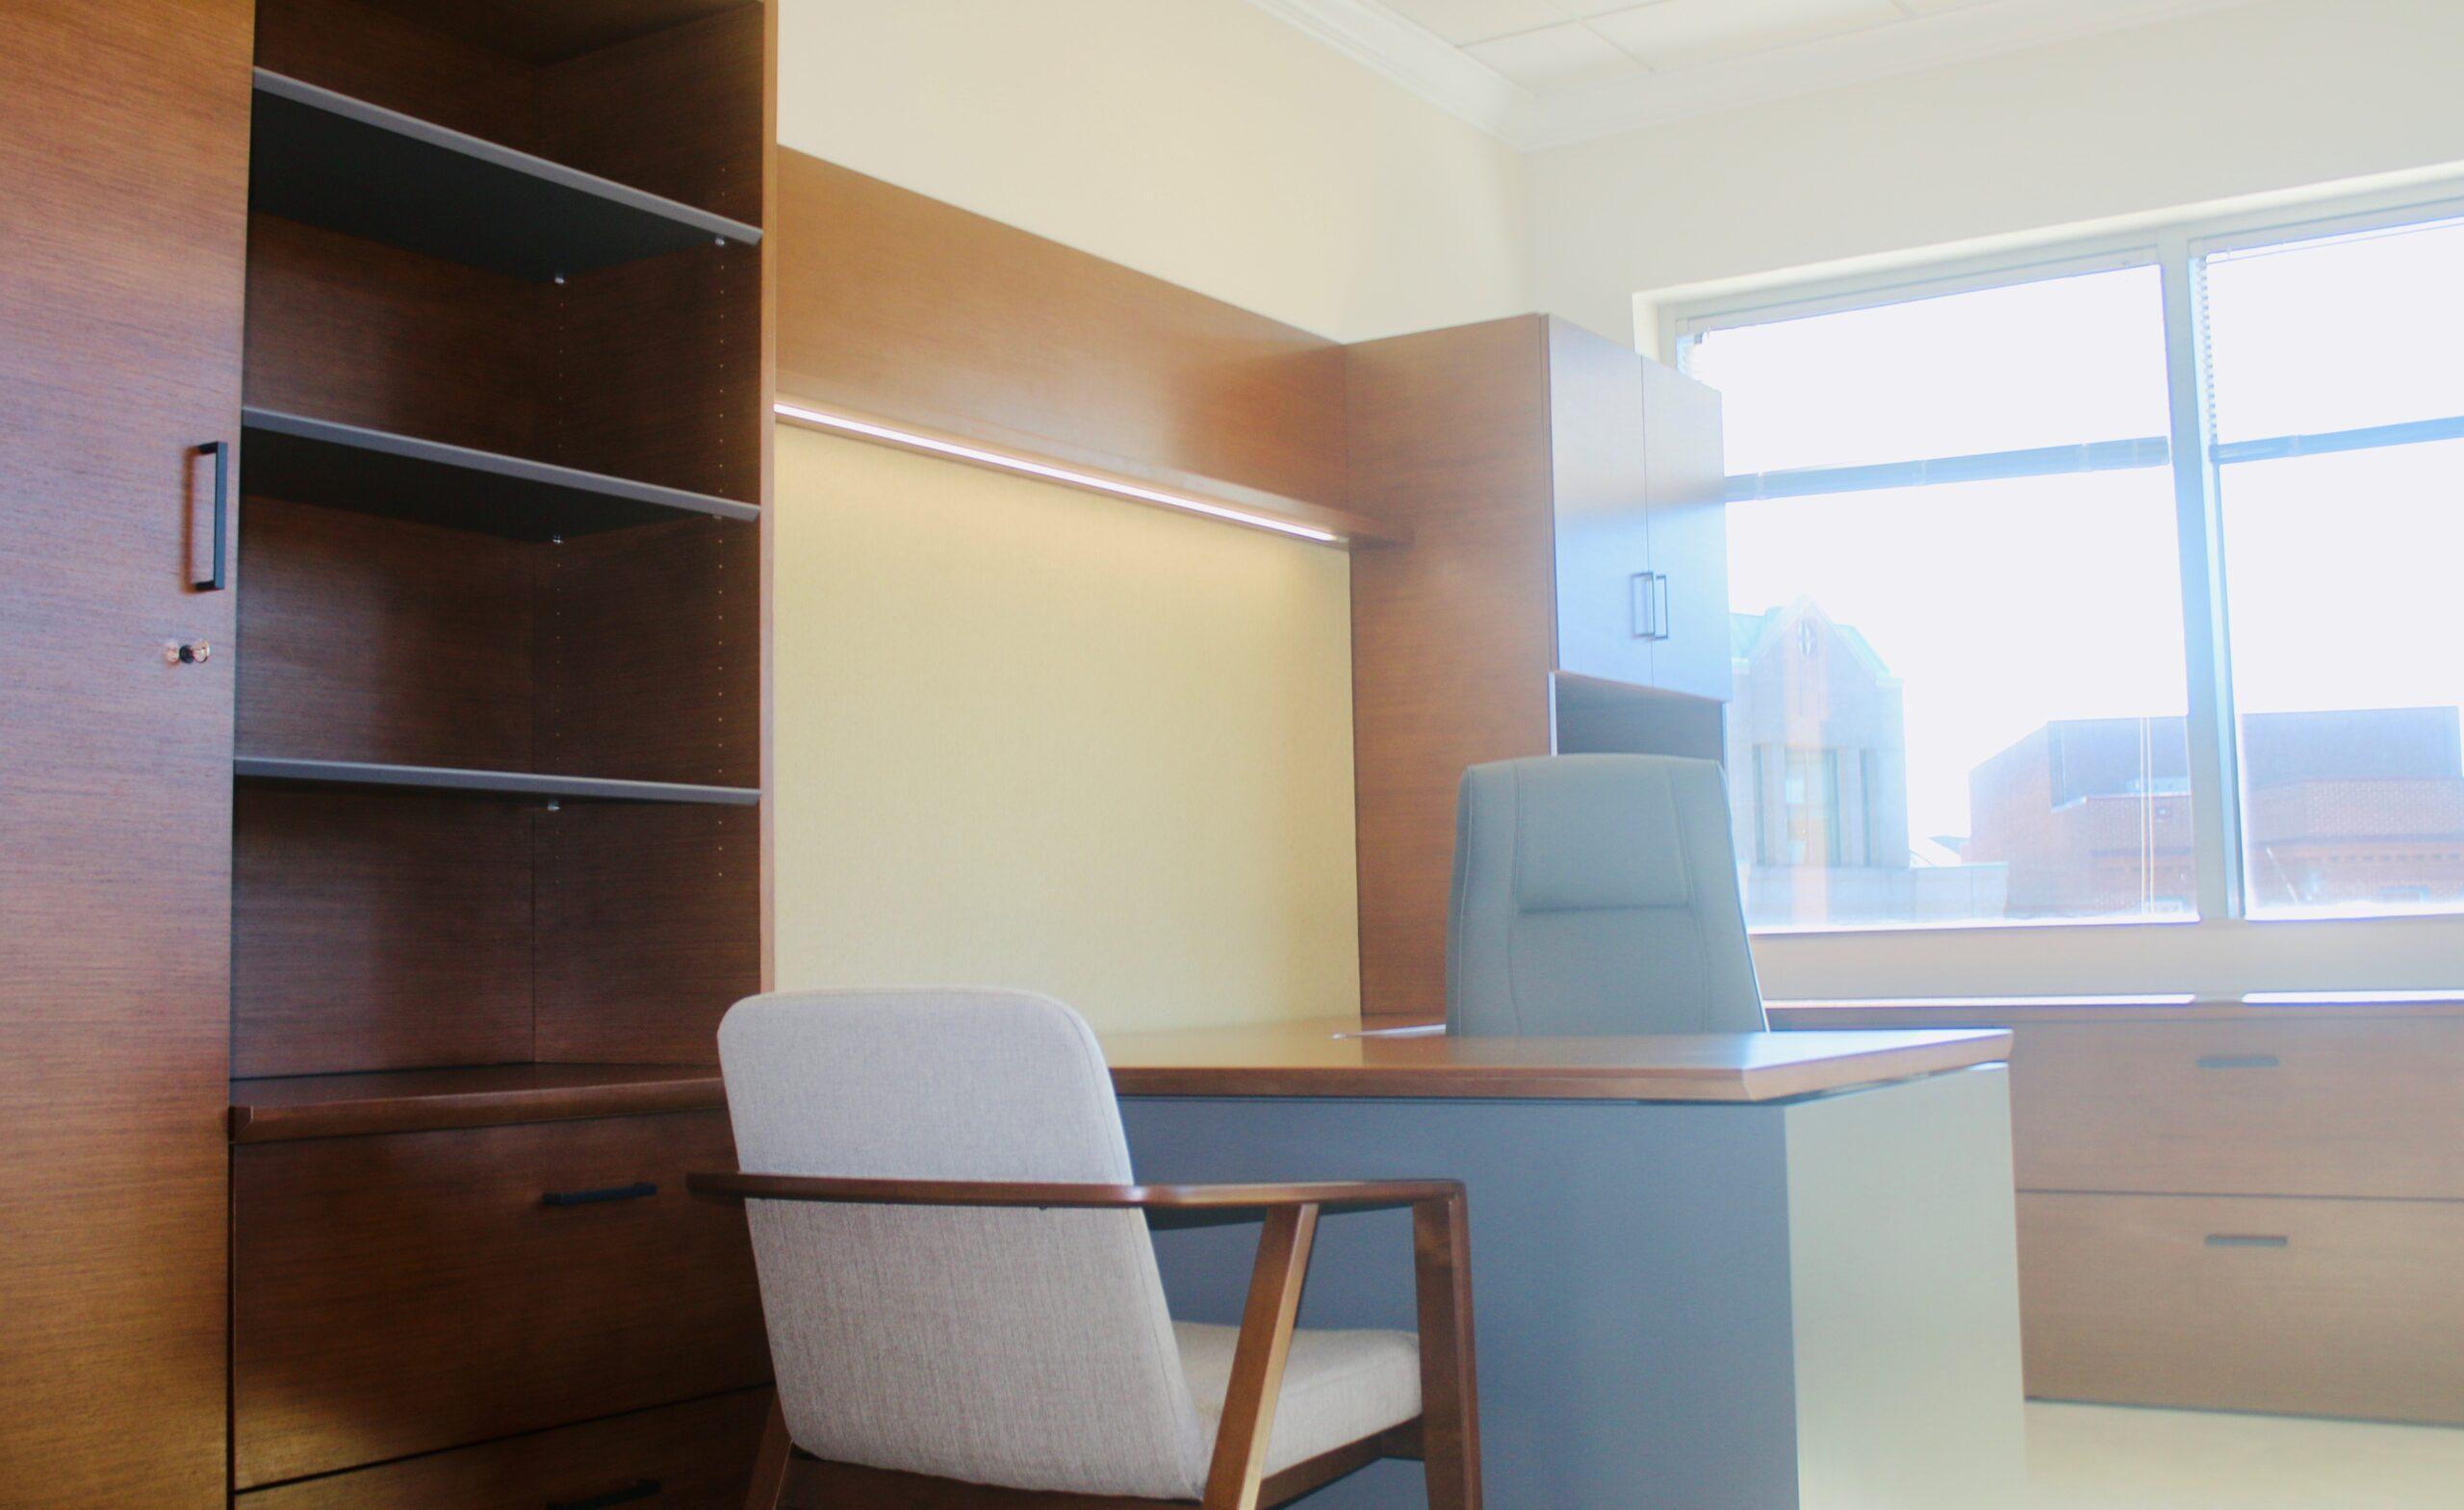 Office Space in Buchanan